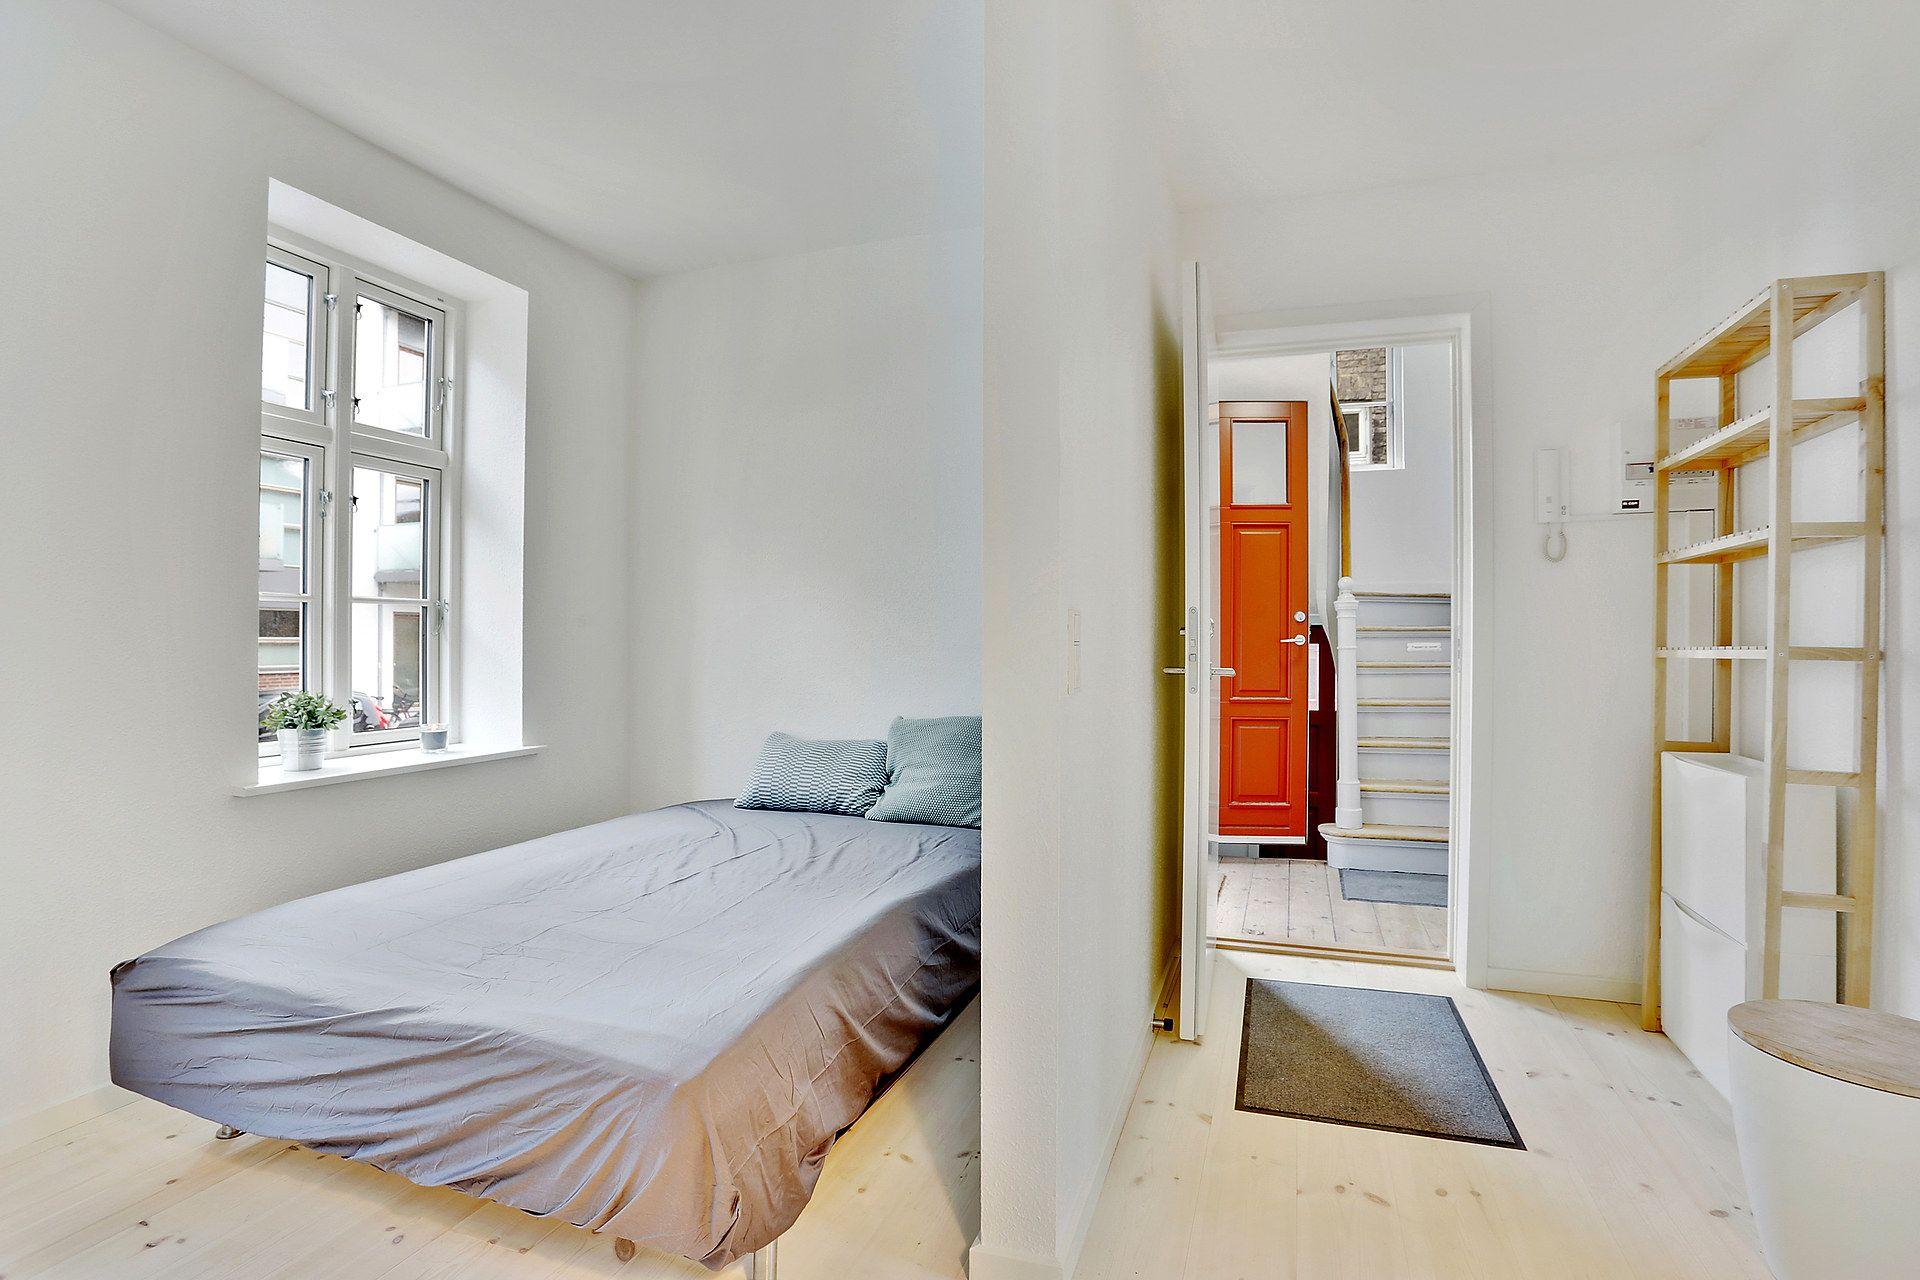 Nyrenoveret luksus studielejlighed - Kiinteistöt   Asunto, talo, kaupalliset kiinteistöt